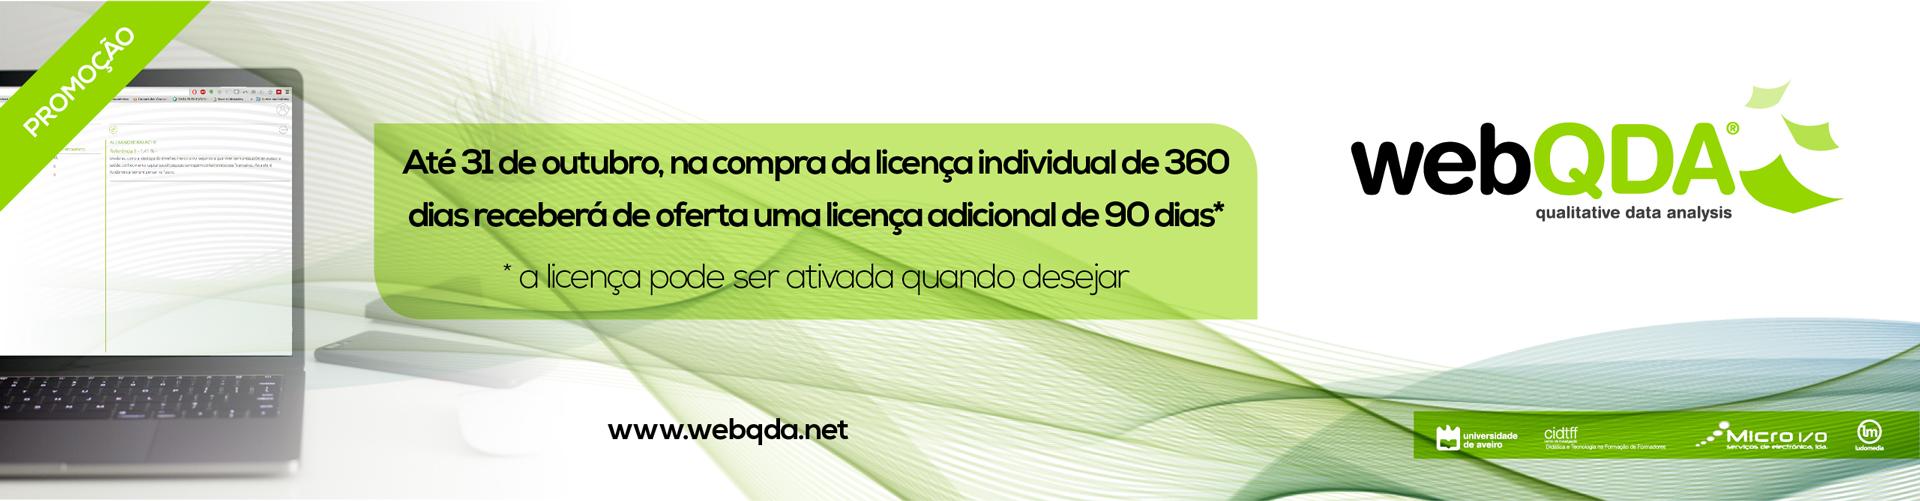 Promocao_Licenca_360dias